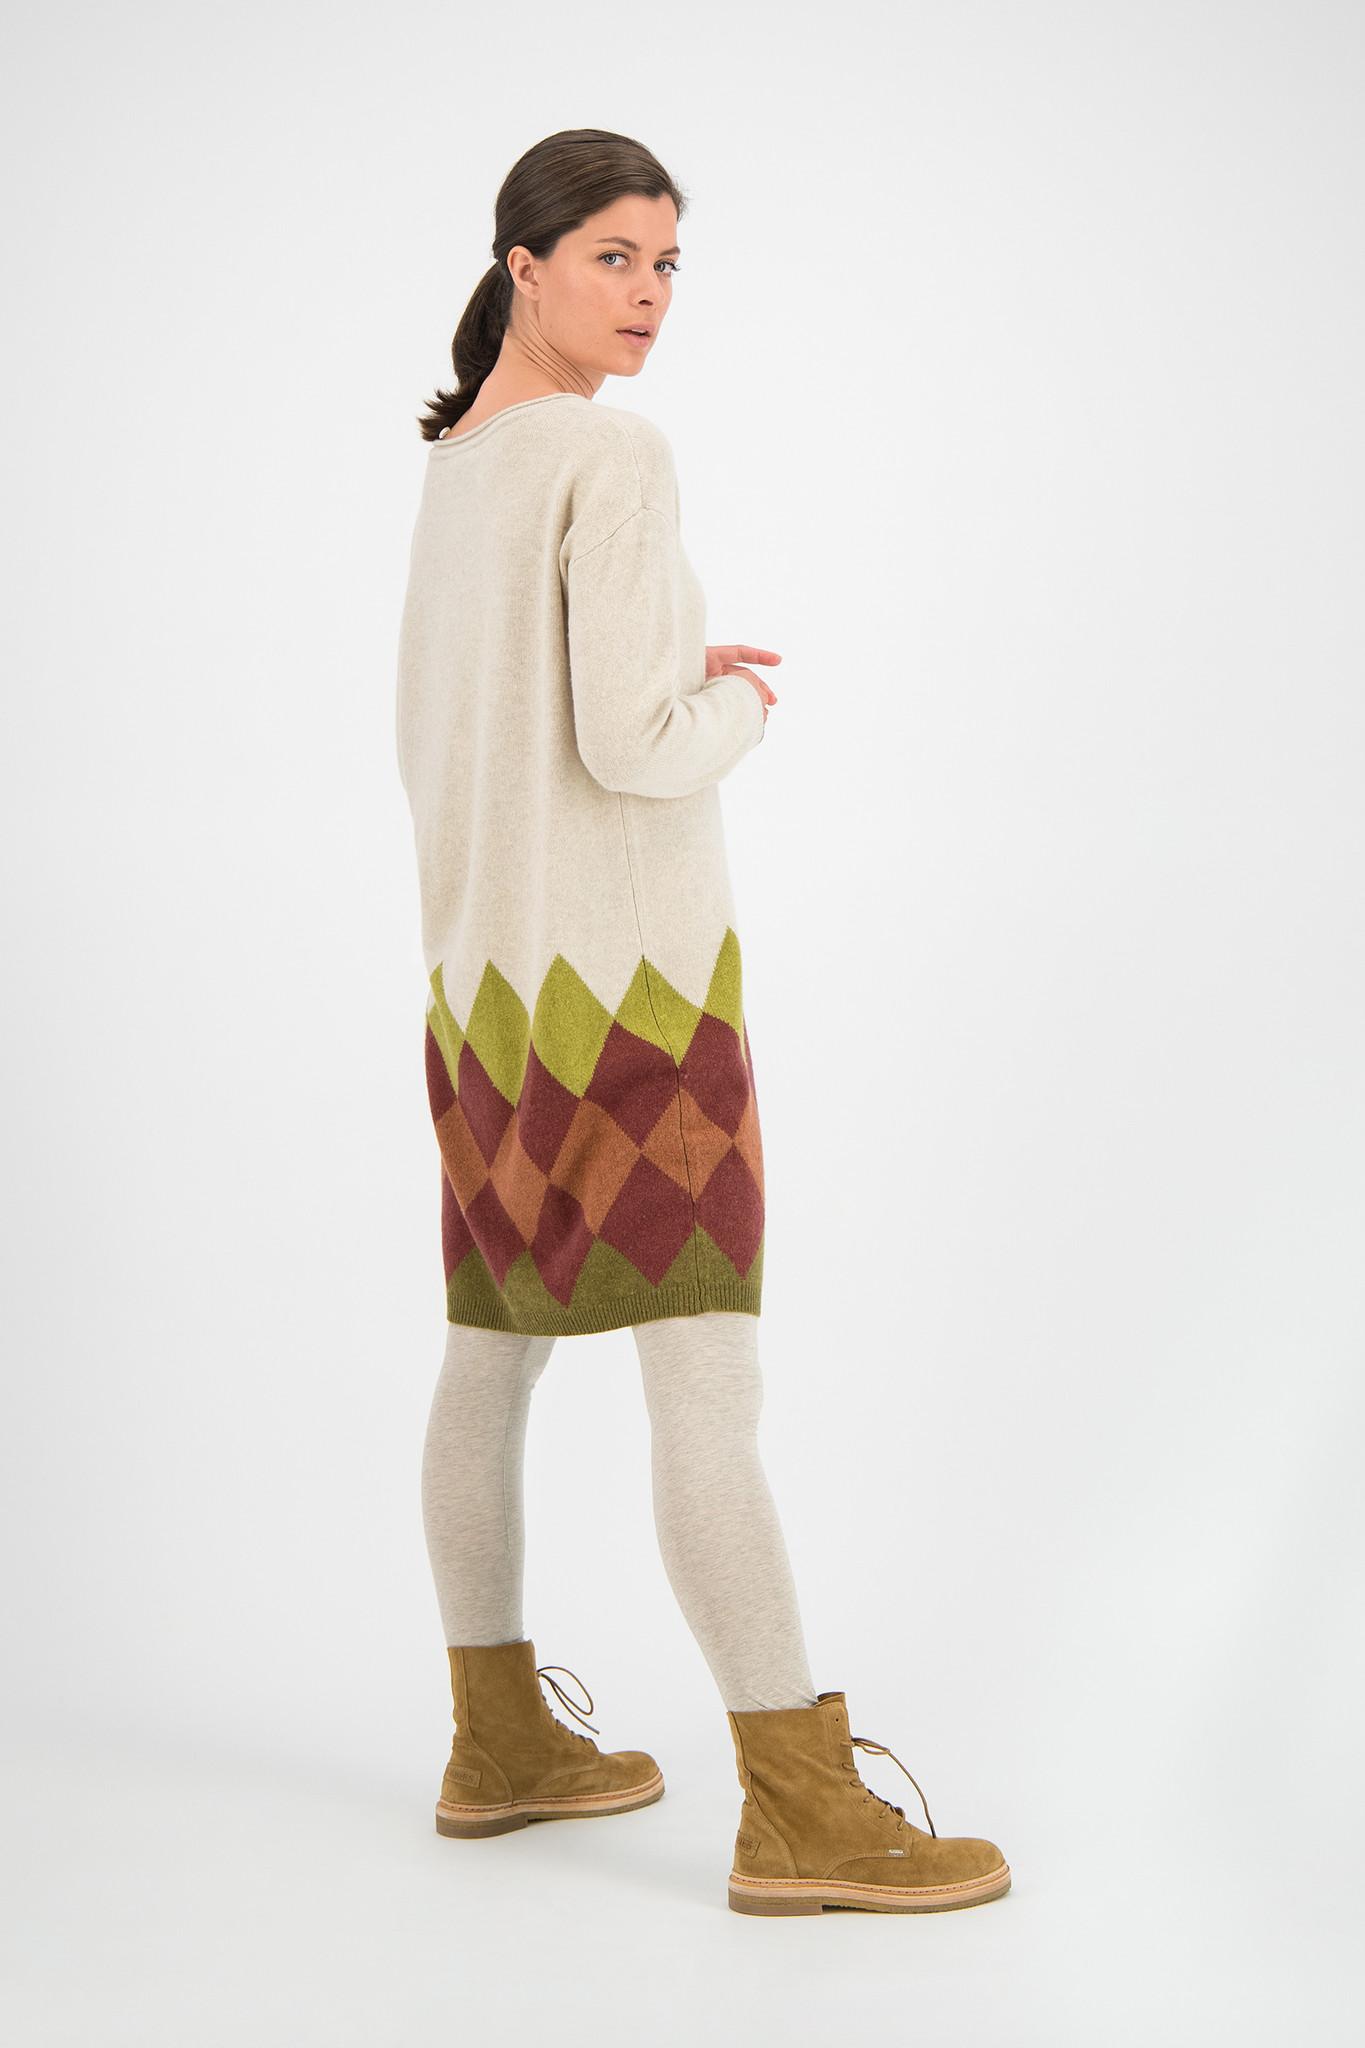 SYLVER Argyle Dress - Oatmeal